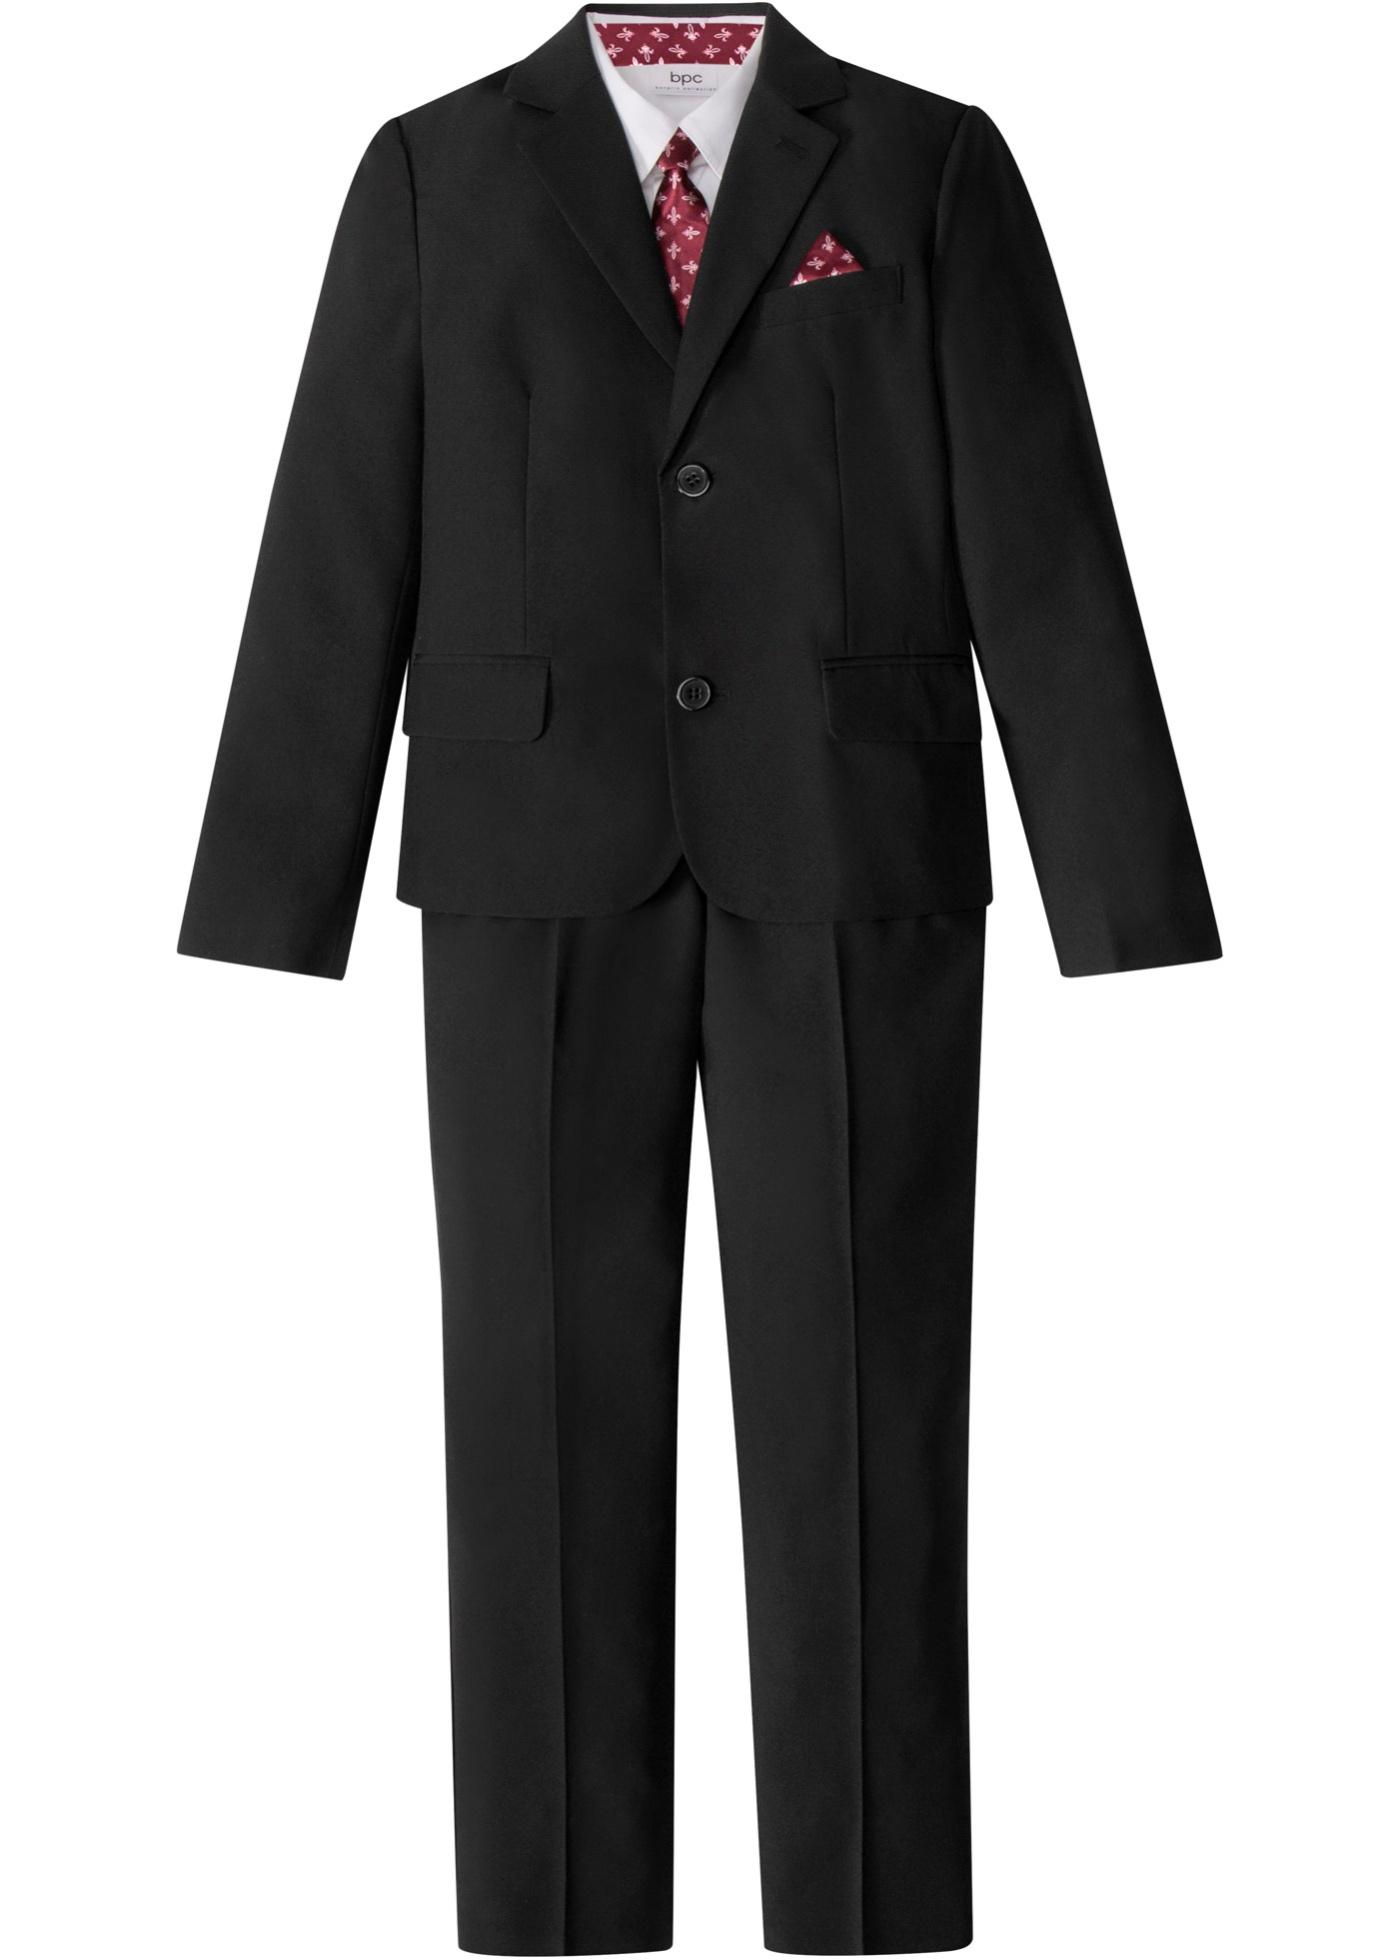 Costume garçon + chemise + cravate (Ens. 4 pces.)